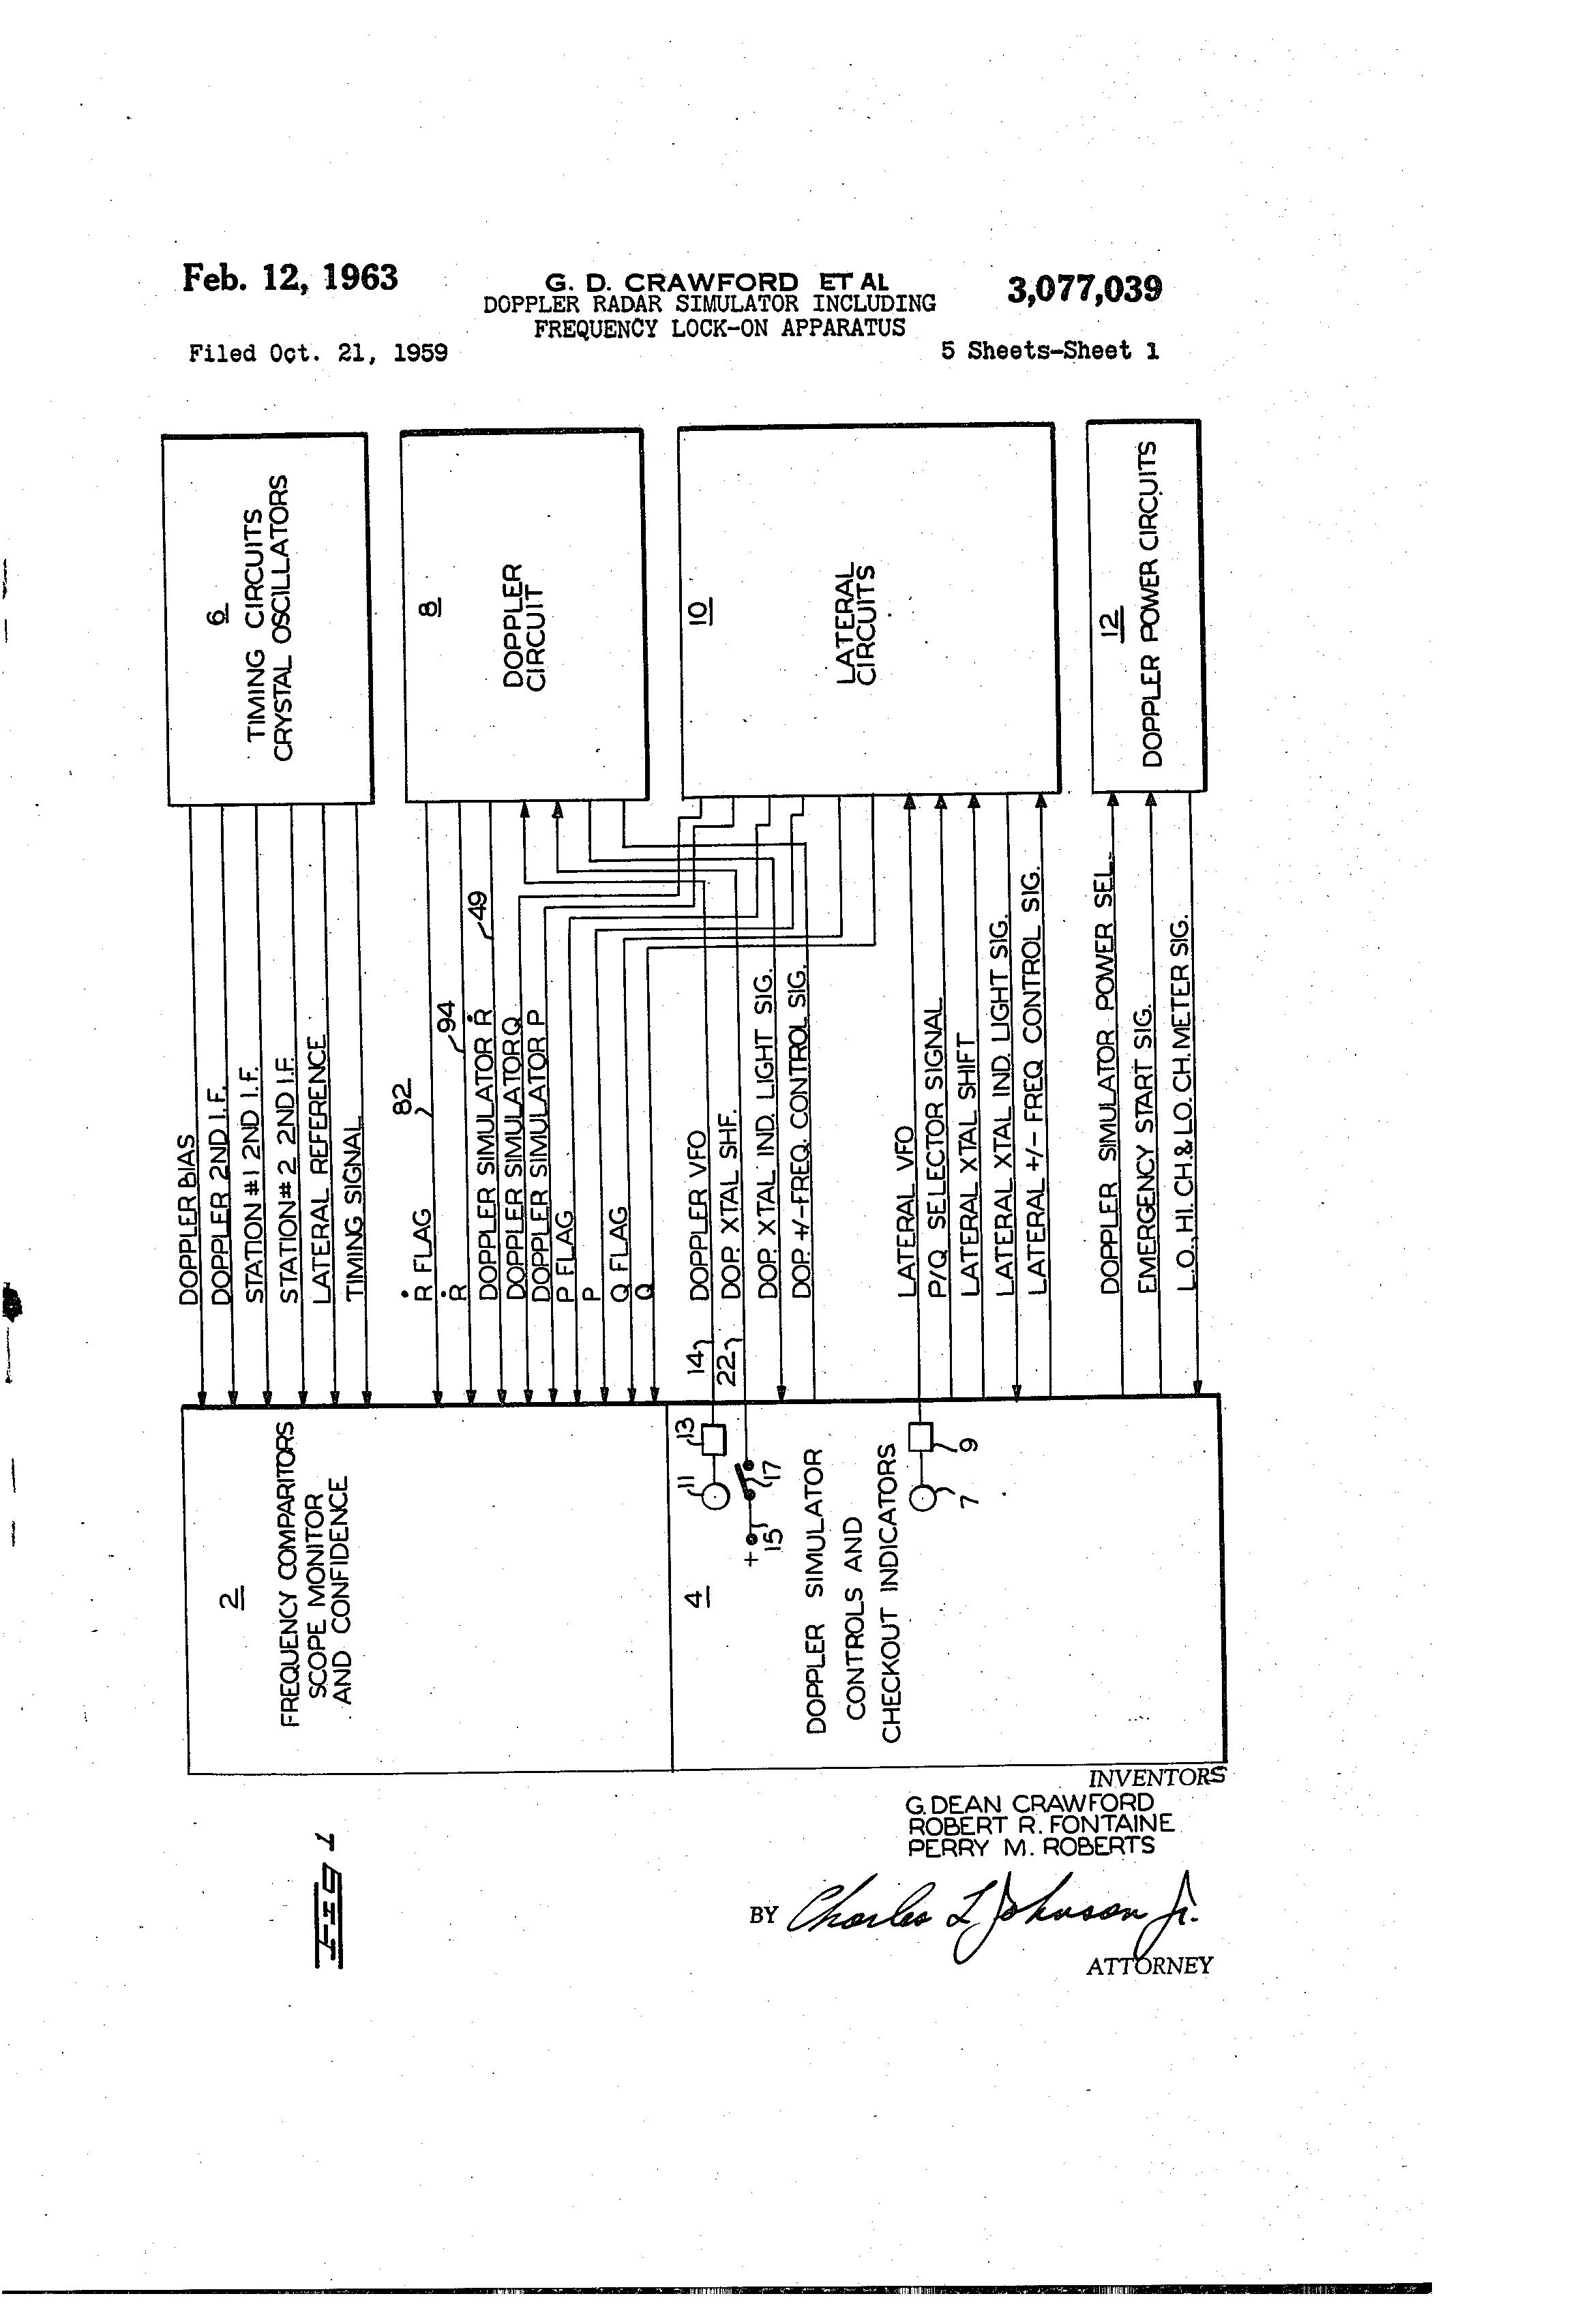 براءة الاختراع US3077039 - Doppler radar simulator including